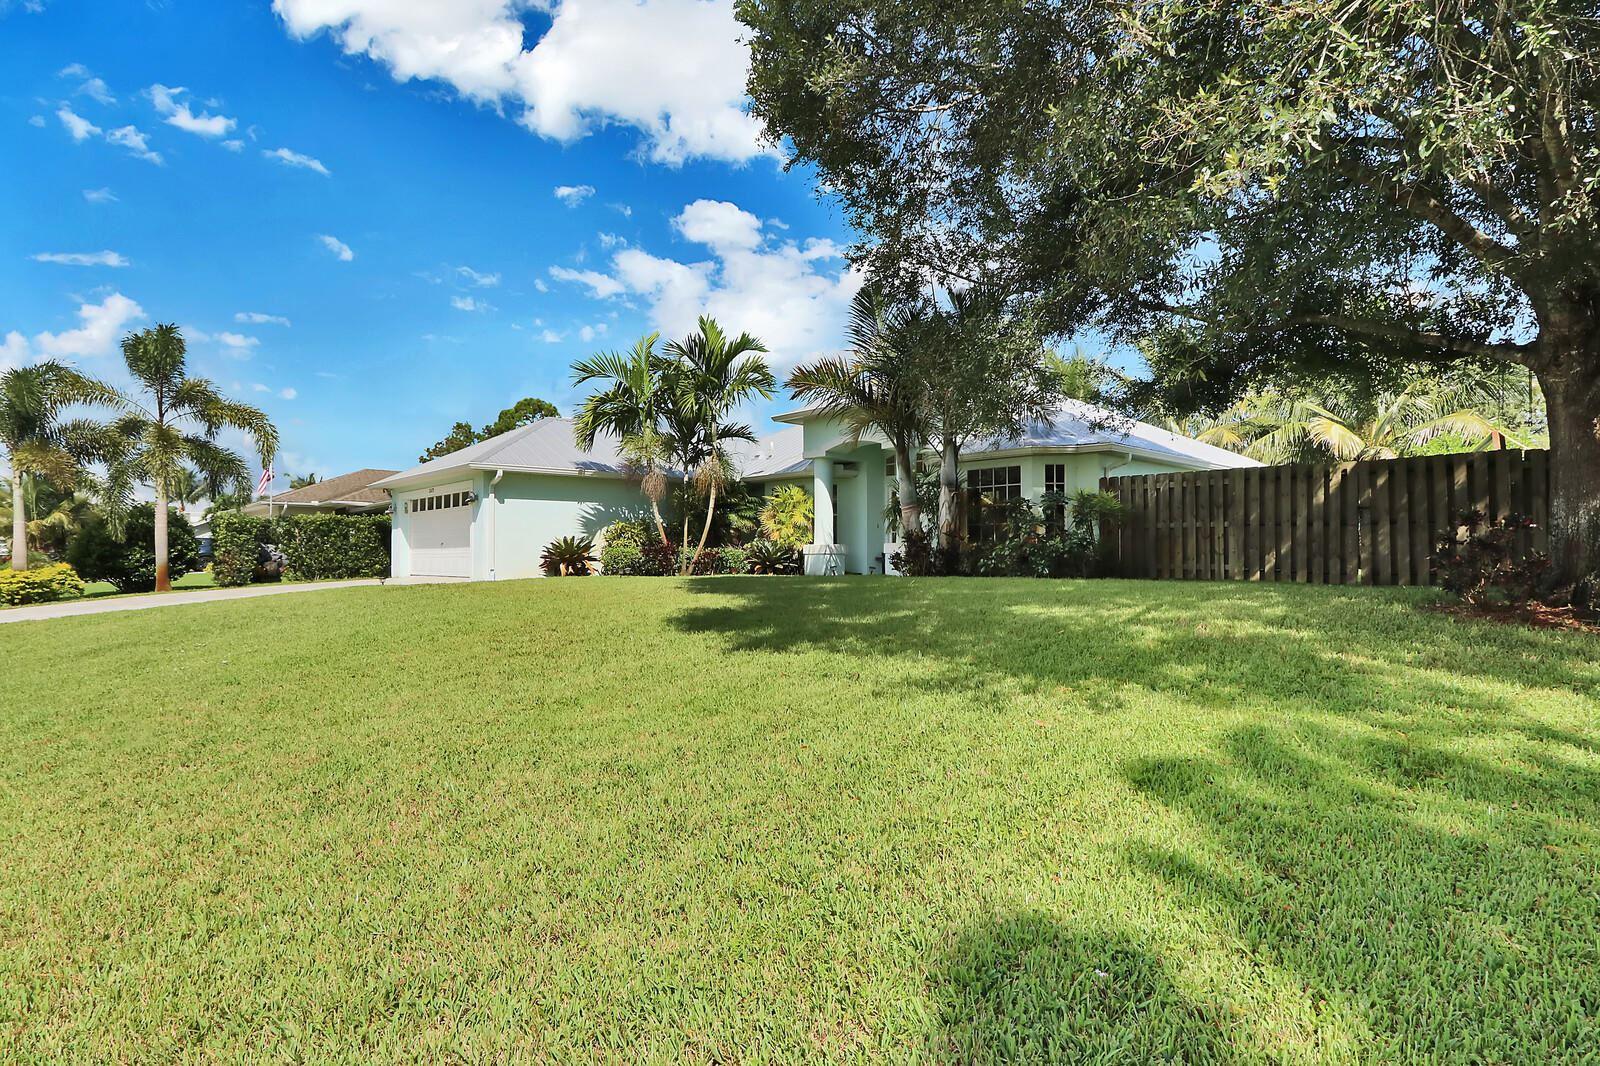 Photo of 2029 SW Oxbow Way, Palm City, FL 34990 (MLS # RX-10656195)